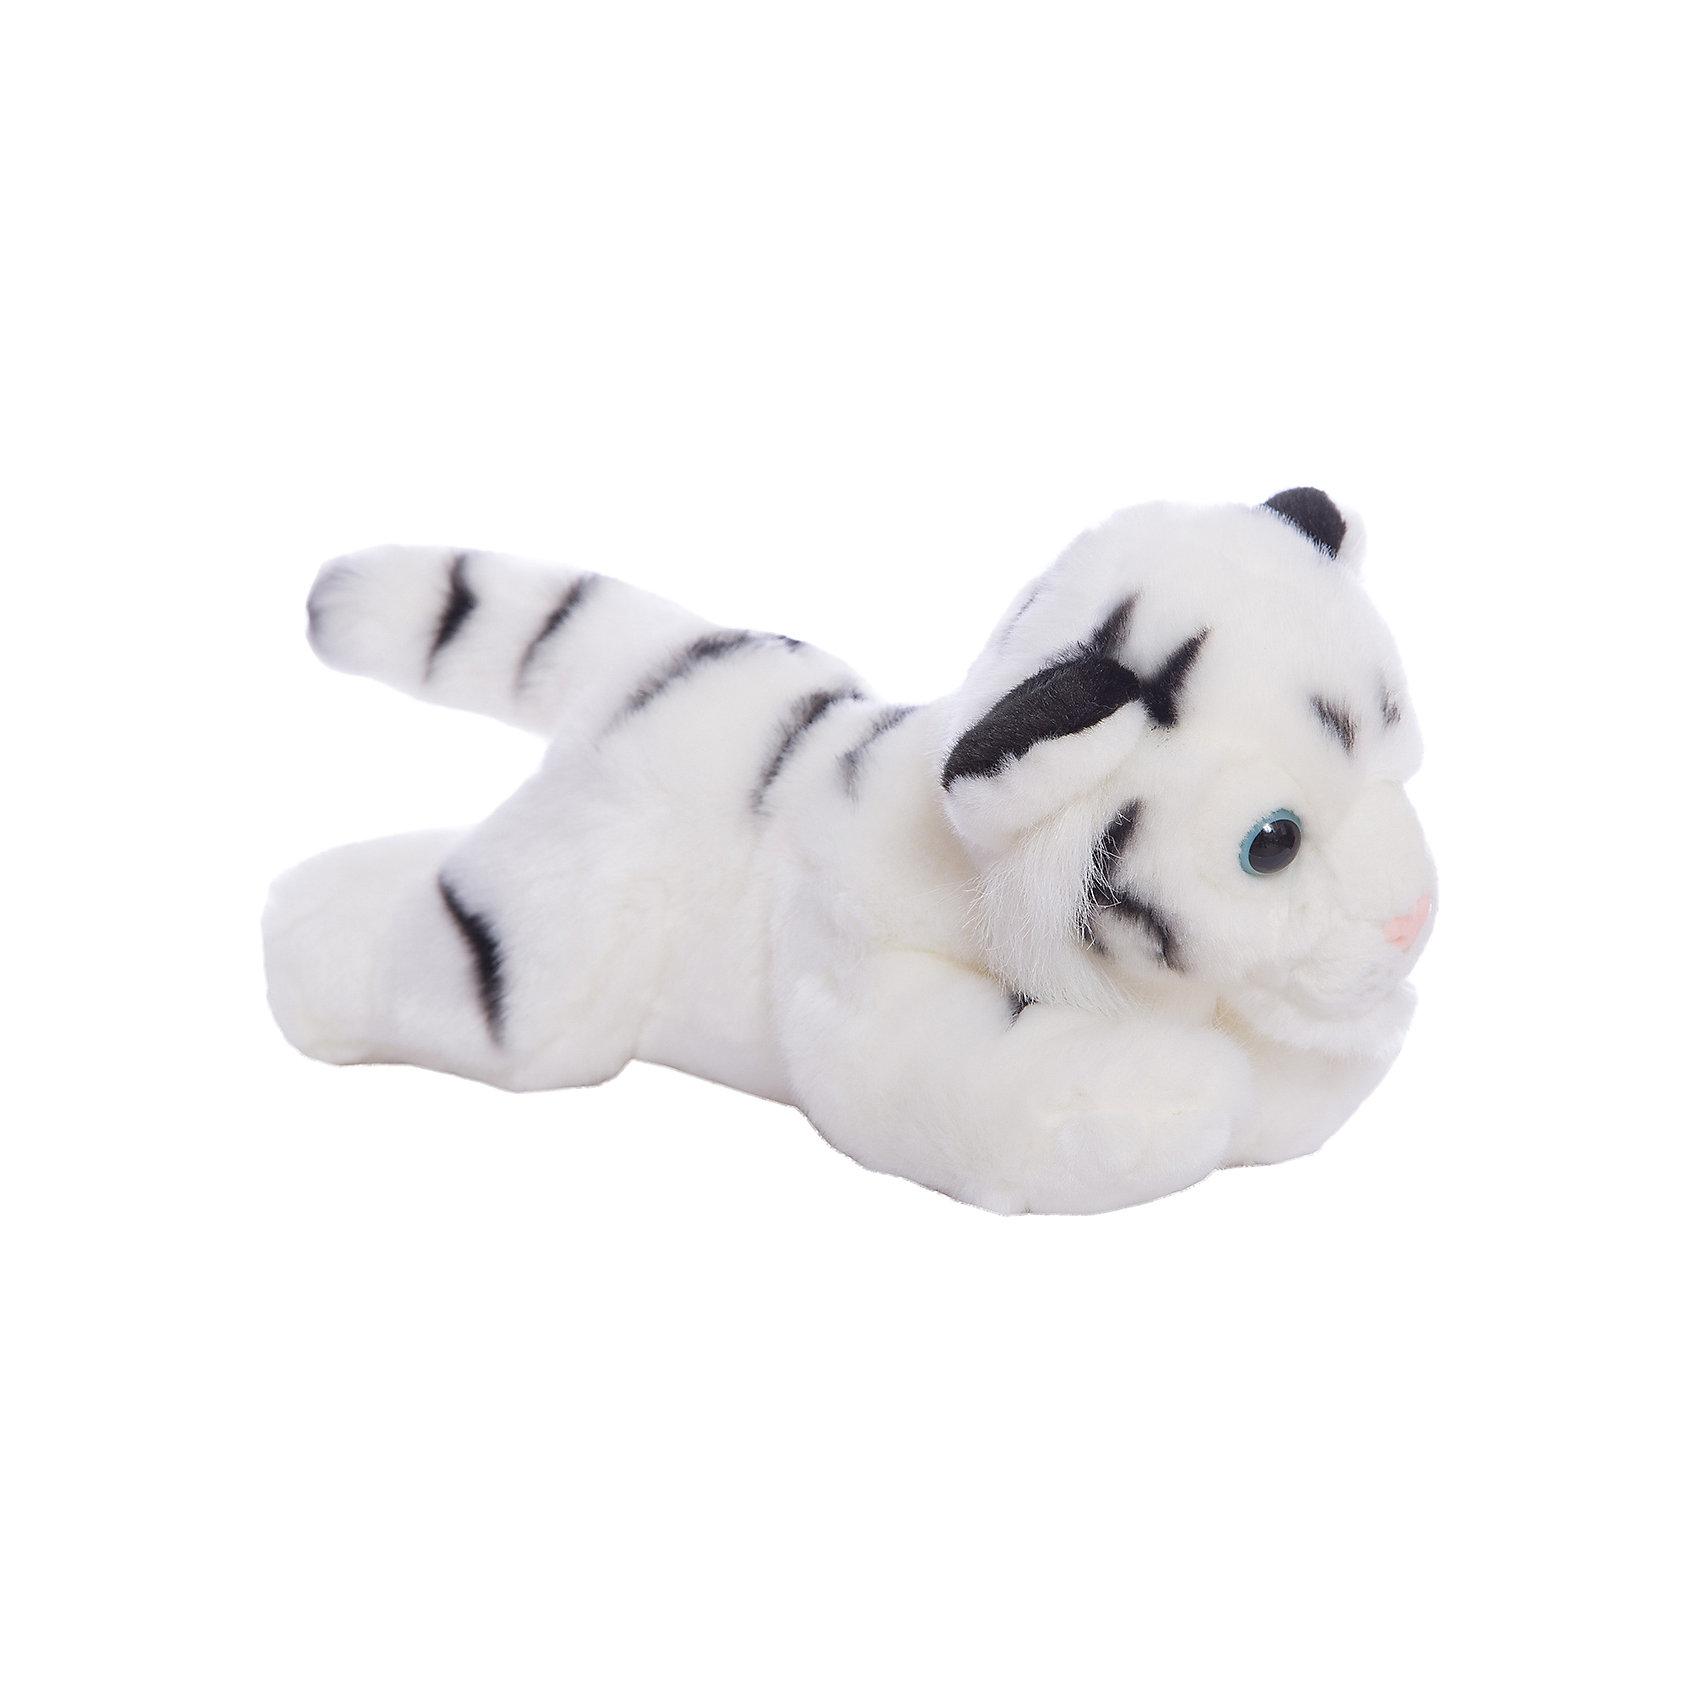 Мягкая игрушка Тигр белый, 28 см, AURORAЗвери и птицы<br>Очаровательный тигренок станет прекрасный сюрпризом для Вашего ребенка! К тому же, у него невероятно мягкая шерстка, красивая мордочка и очаровательные глазки!<br><br>Дополнительная информация:<br><br>- Возраст: от 3 лет.<br>- Материал: плюш, синтепон.<br>- Цвет: белый.<br>- Высота игрушки: 28 см.<br><br>Купить мягкую игрушку Тигренка в белом цвете, можно в нашем магазине.<br><br>Ширина мм: 280<br>Глубина мм: 110<br>Высота мм: 140<br>Вес г: 239<br>Возраст от месяцев: 36<br>Возраст до месяцев: 120<br>Пол: Унисекс<br>Возраст: Детский<br>SKU: 4929045